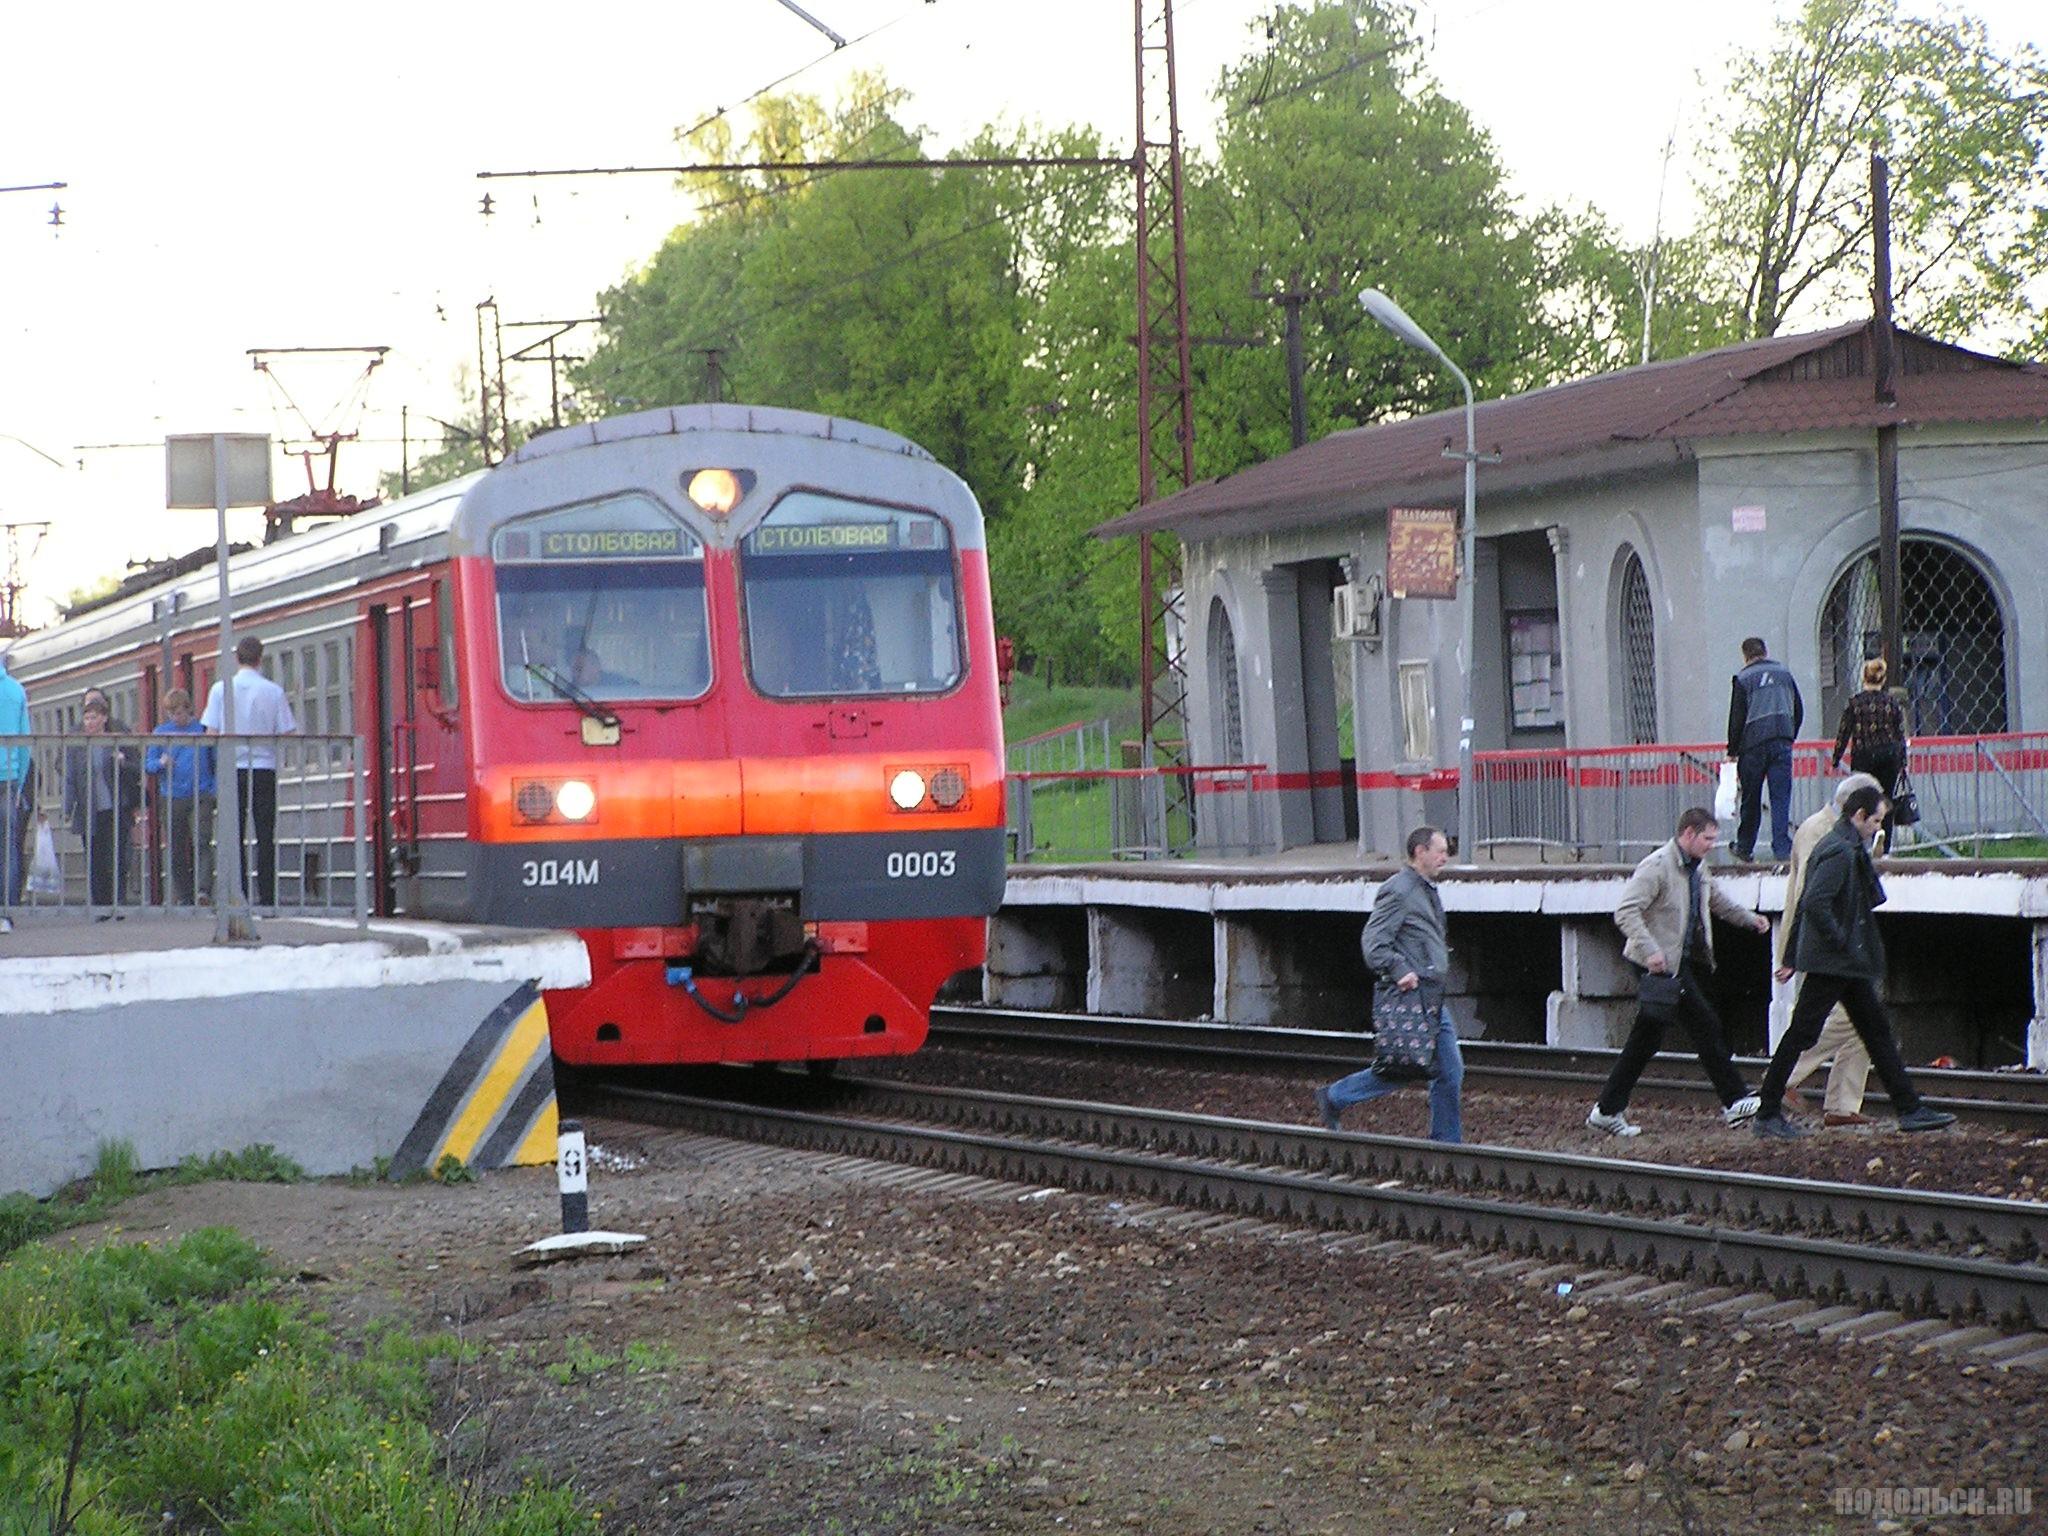 Дмитровская депо электрички Рулит